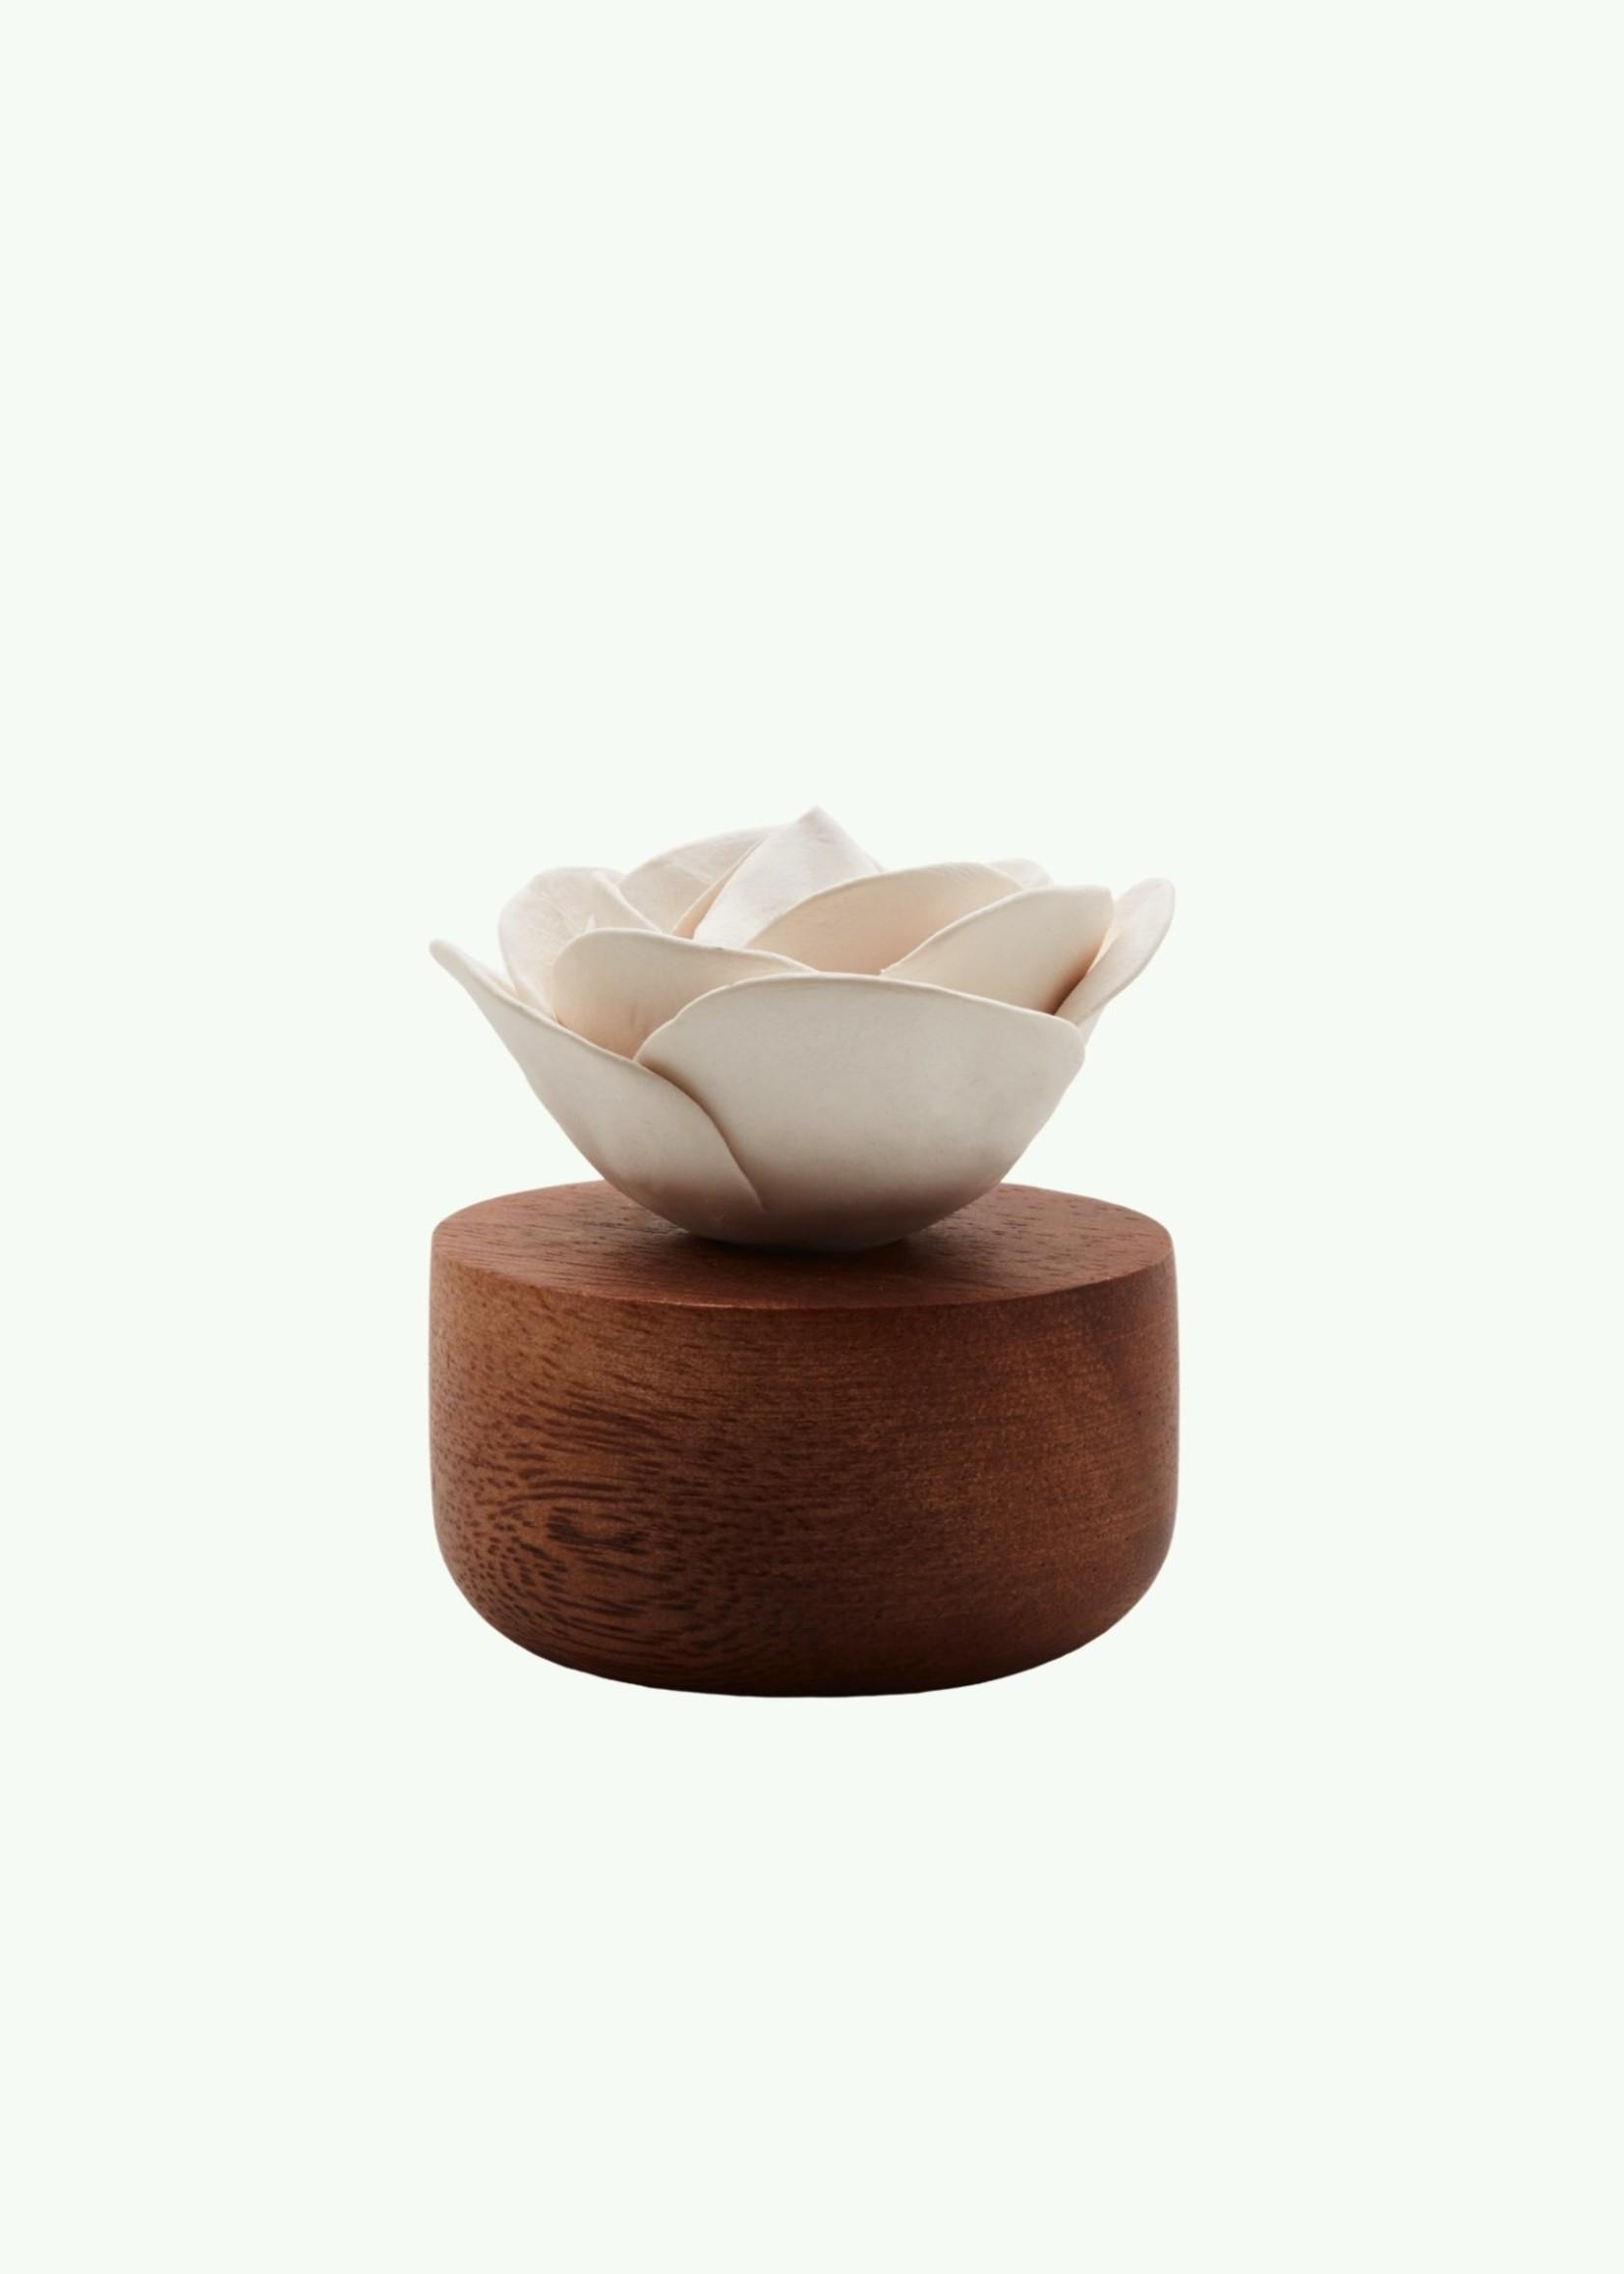 Anoq Anoq - Gardenia du Laos - Perfume Diffuser- 2 colours